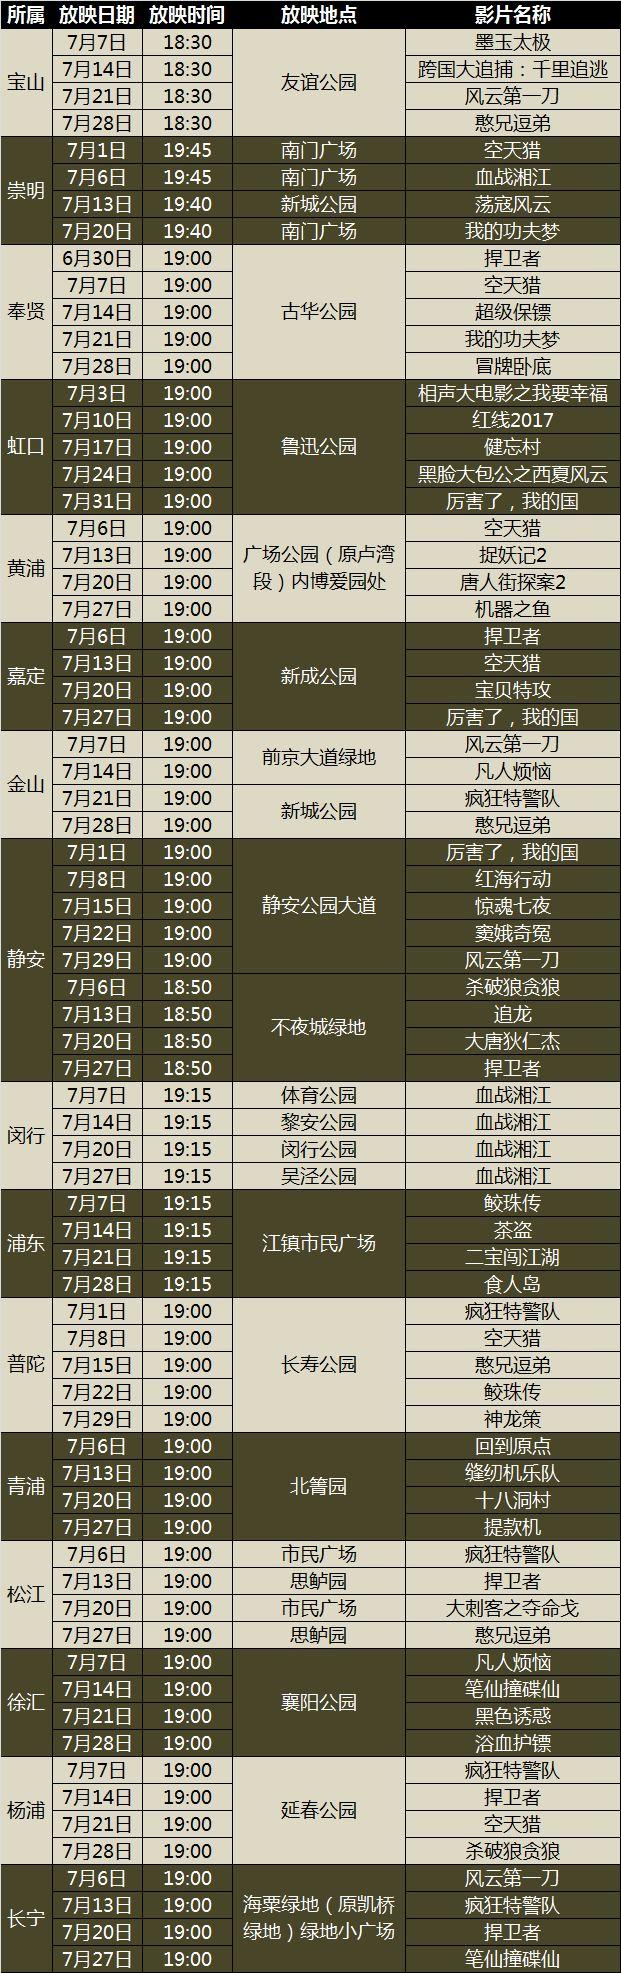 2018上海公园露天电影排片表 | 7月排期